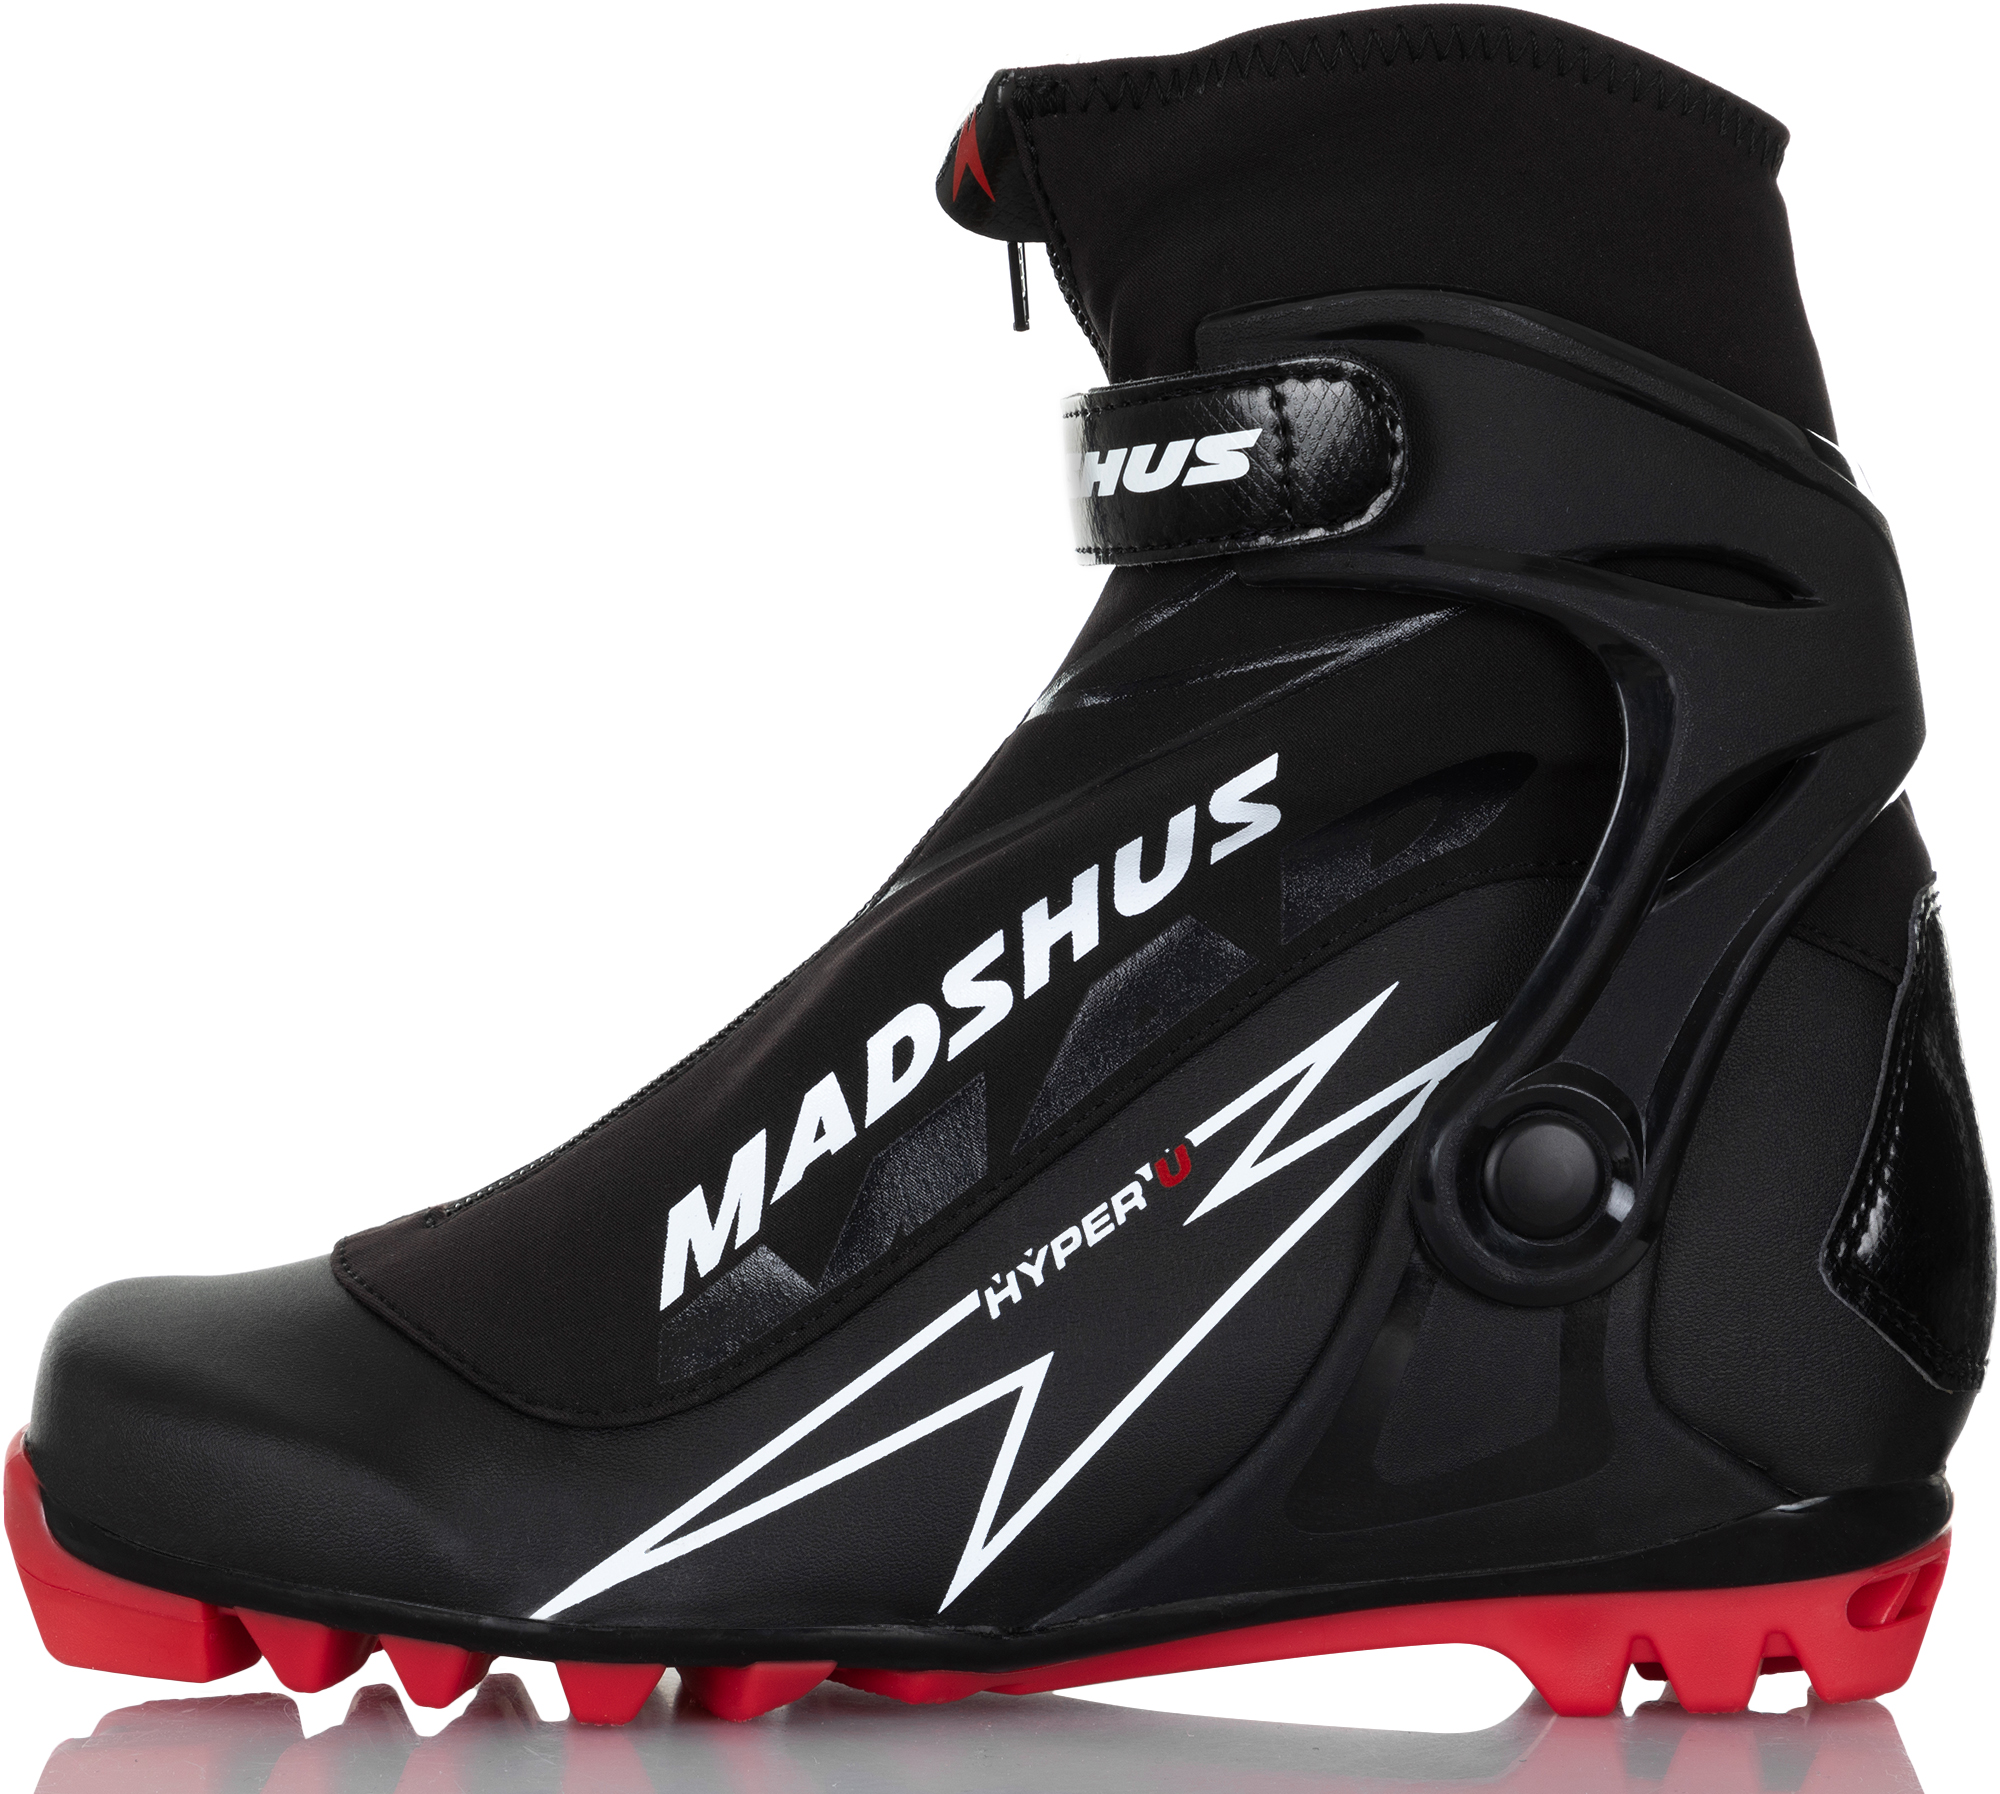 Madshus N180400701 Ботинки лыжные HYPER U Madshus Ski Boots р.39 недорго, оригинальная цена